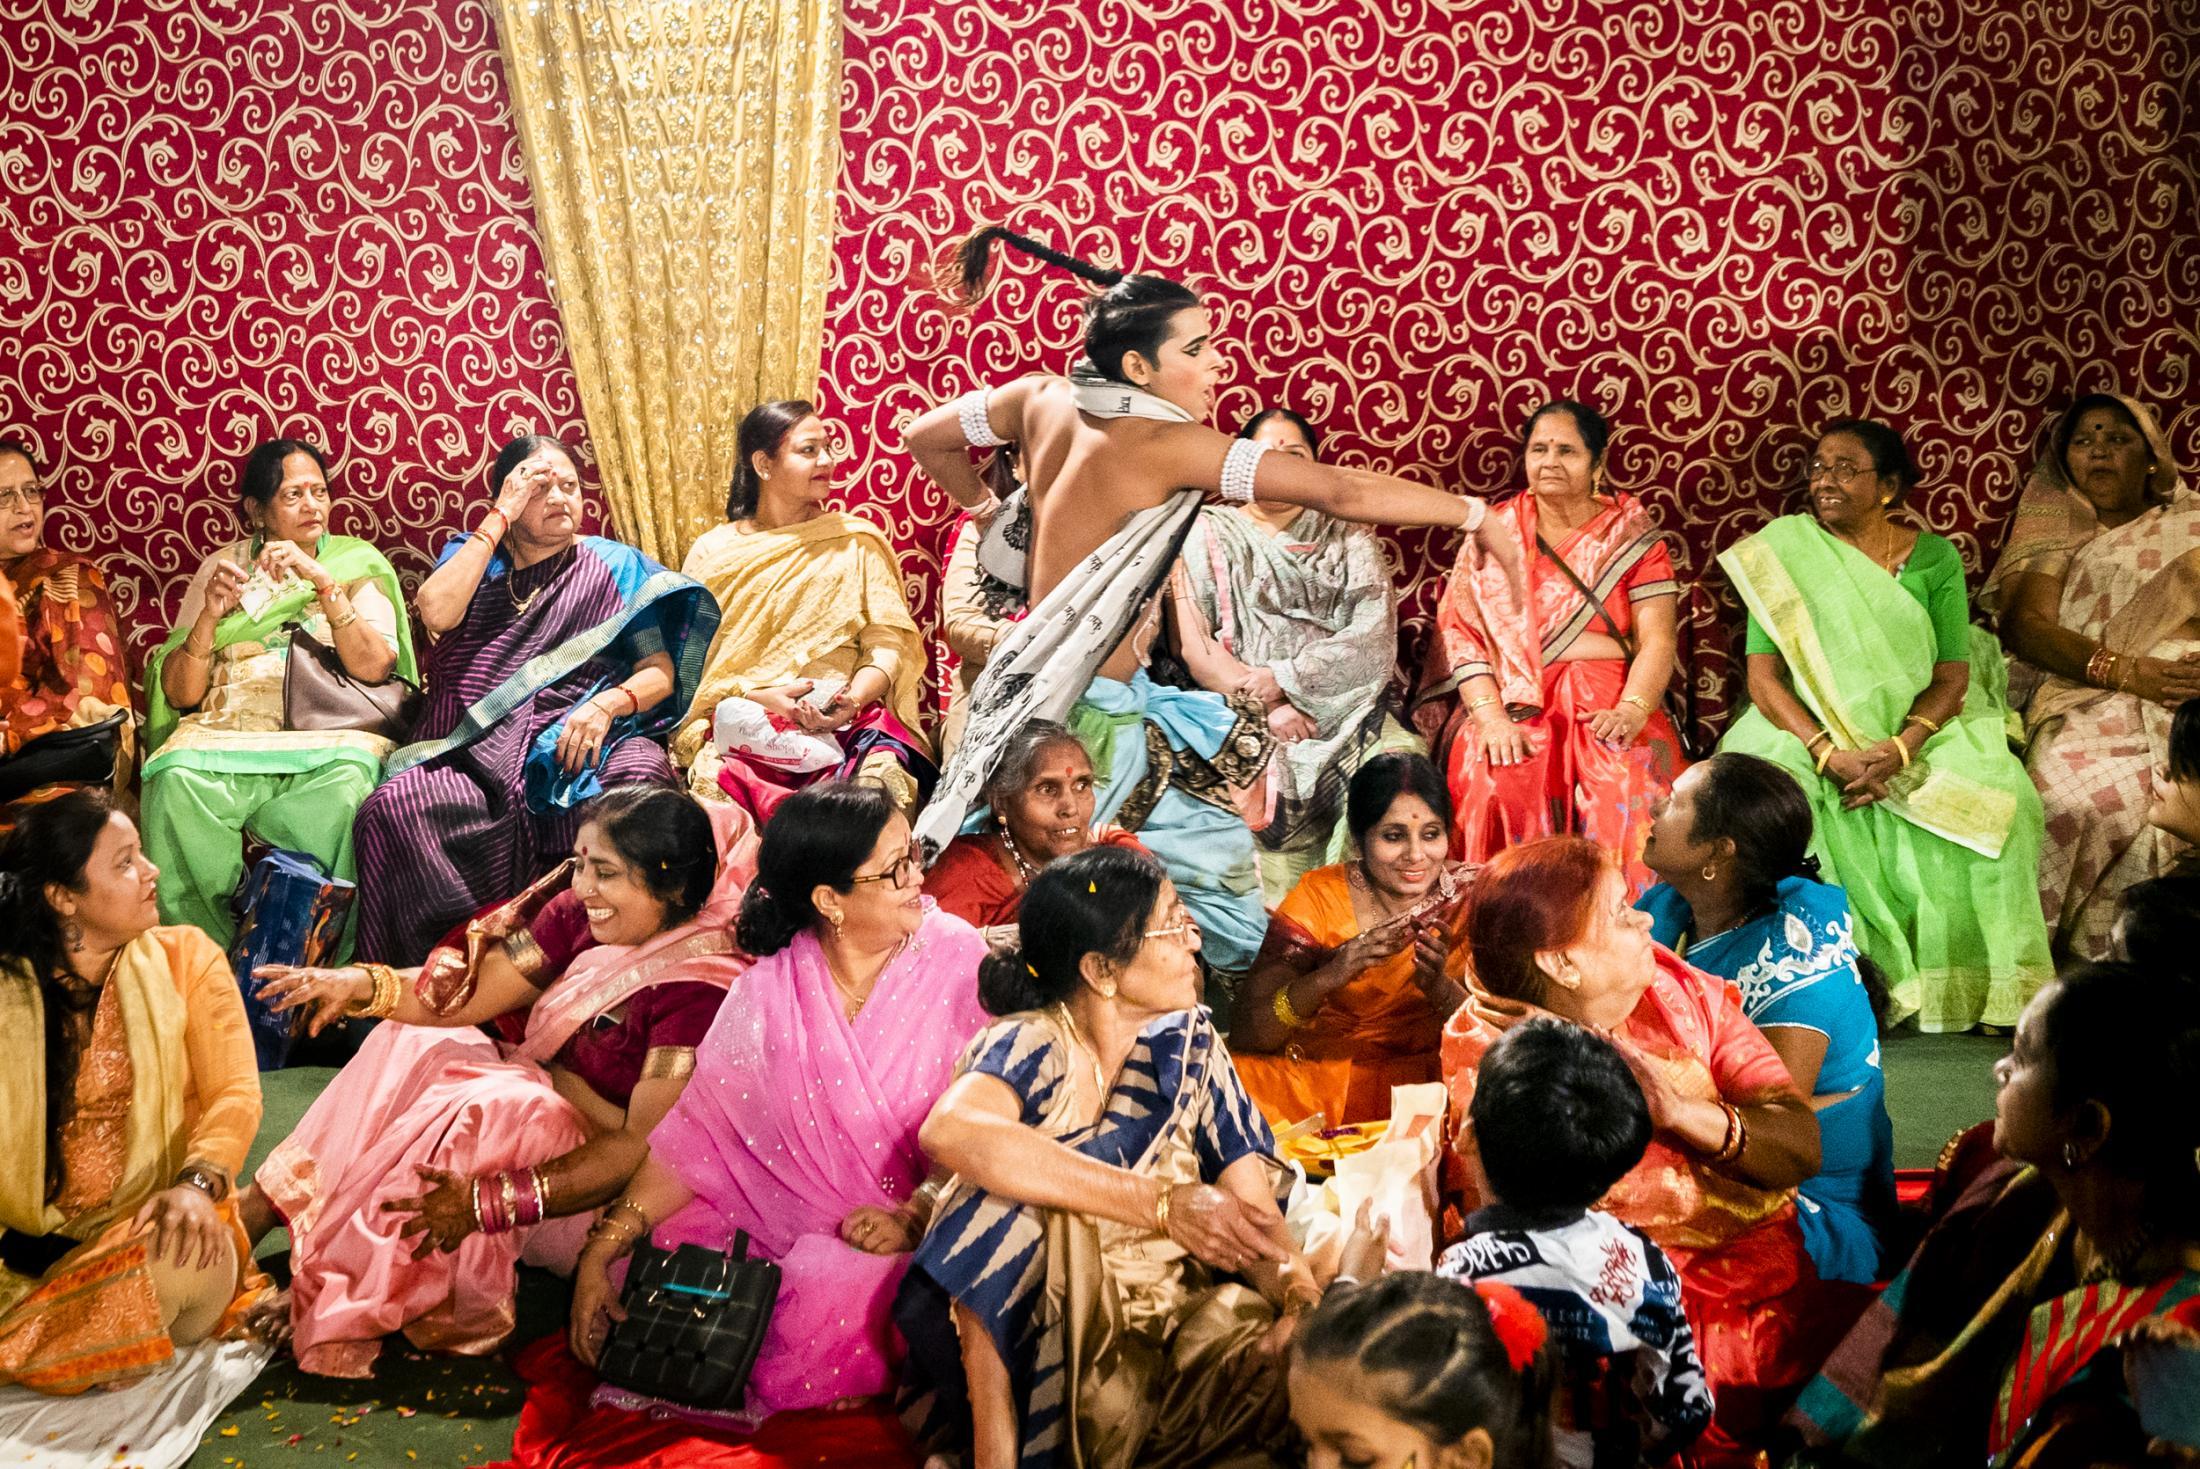 Art and Documentary Photography - Loading India_gaiasquarci_natgeo-49.jpg